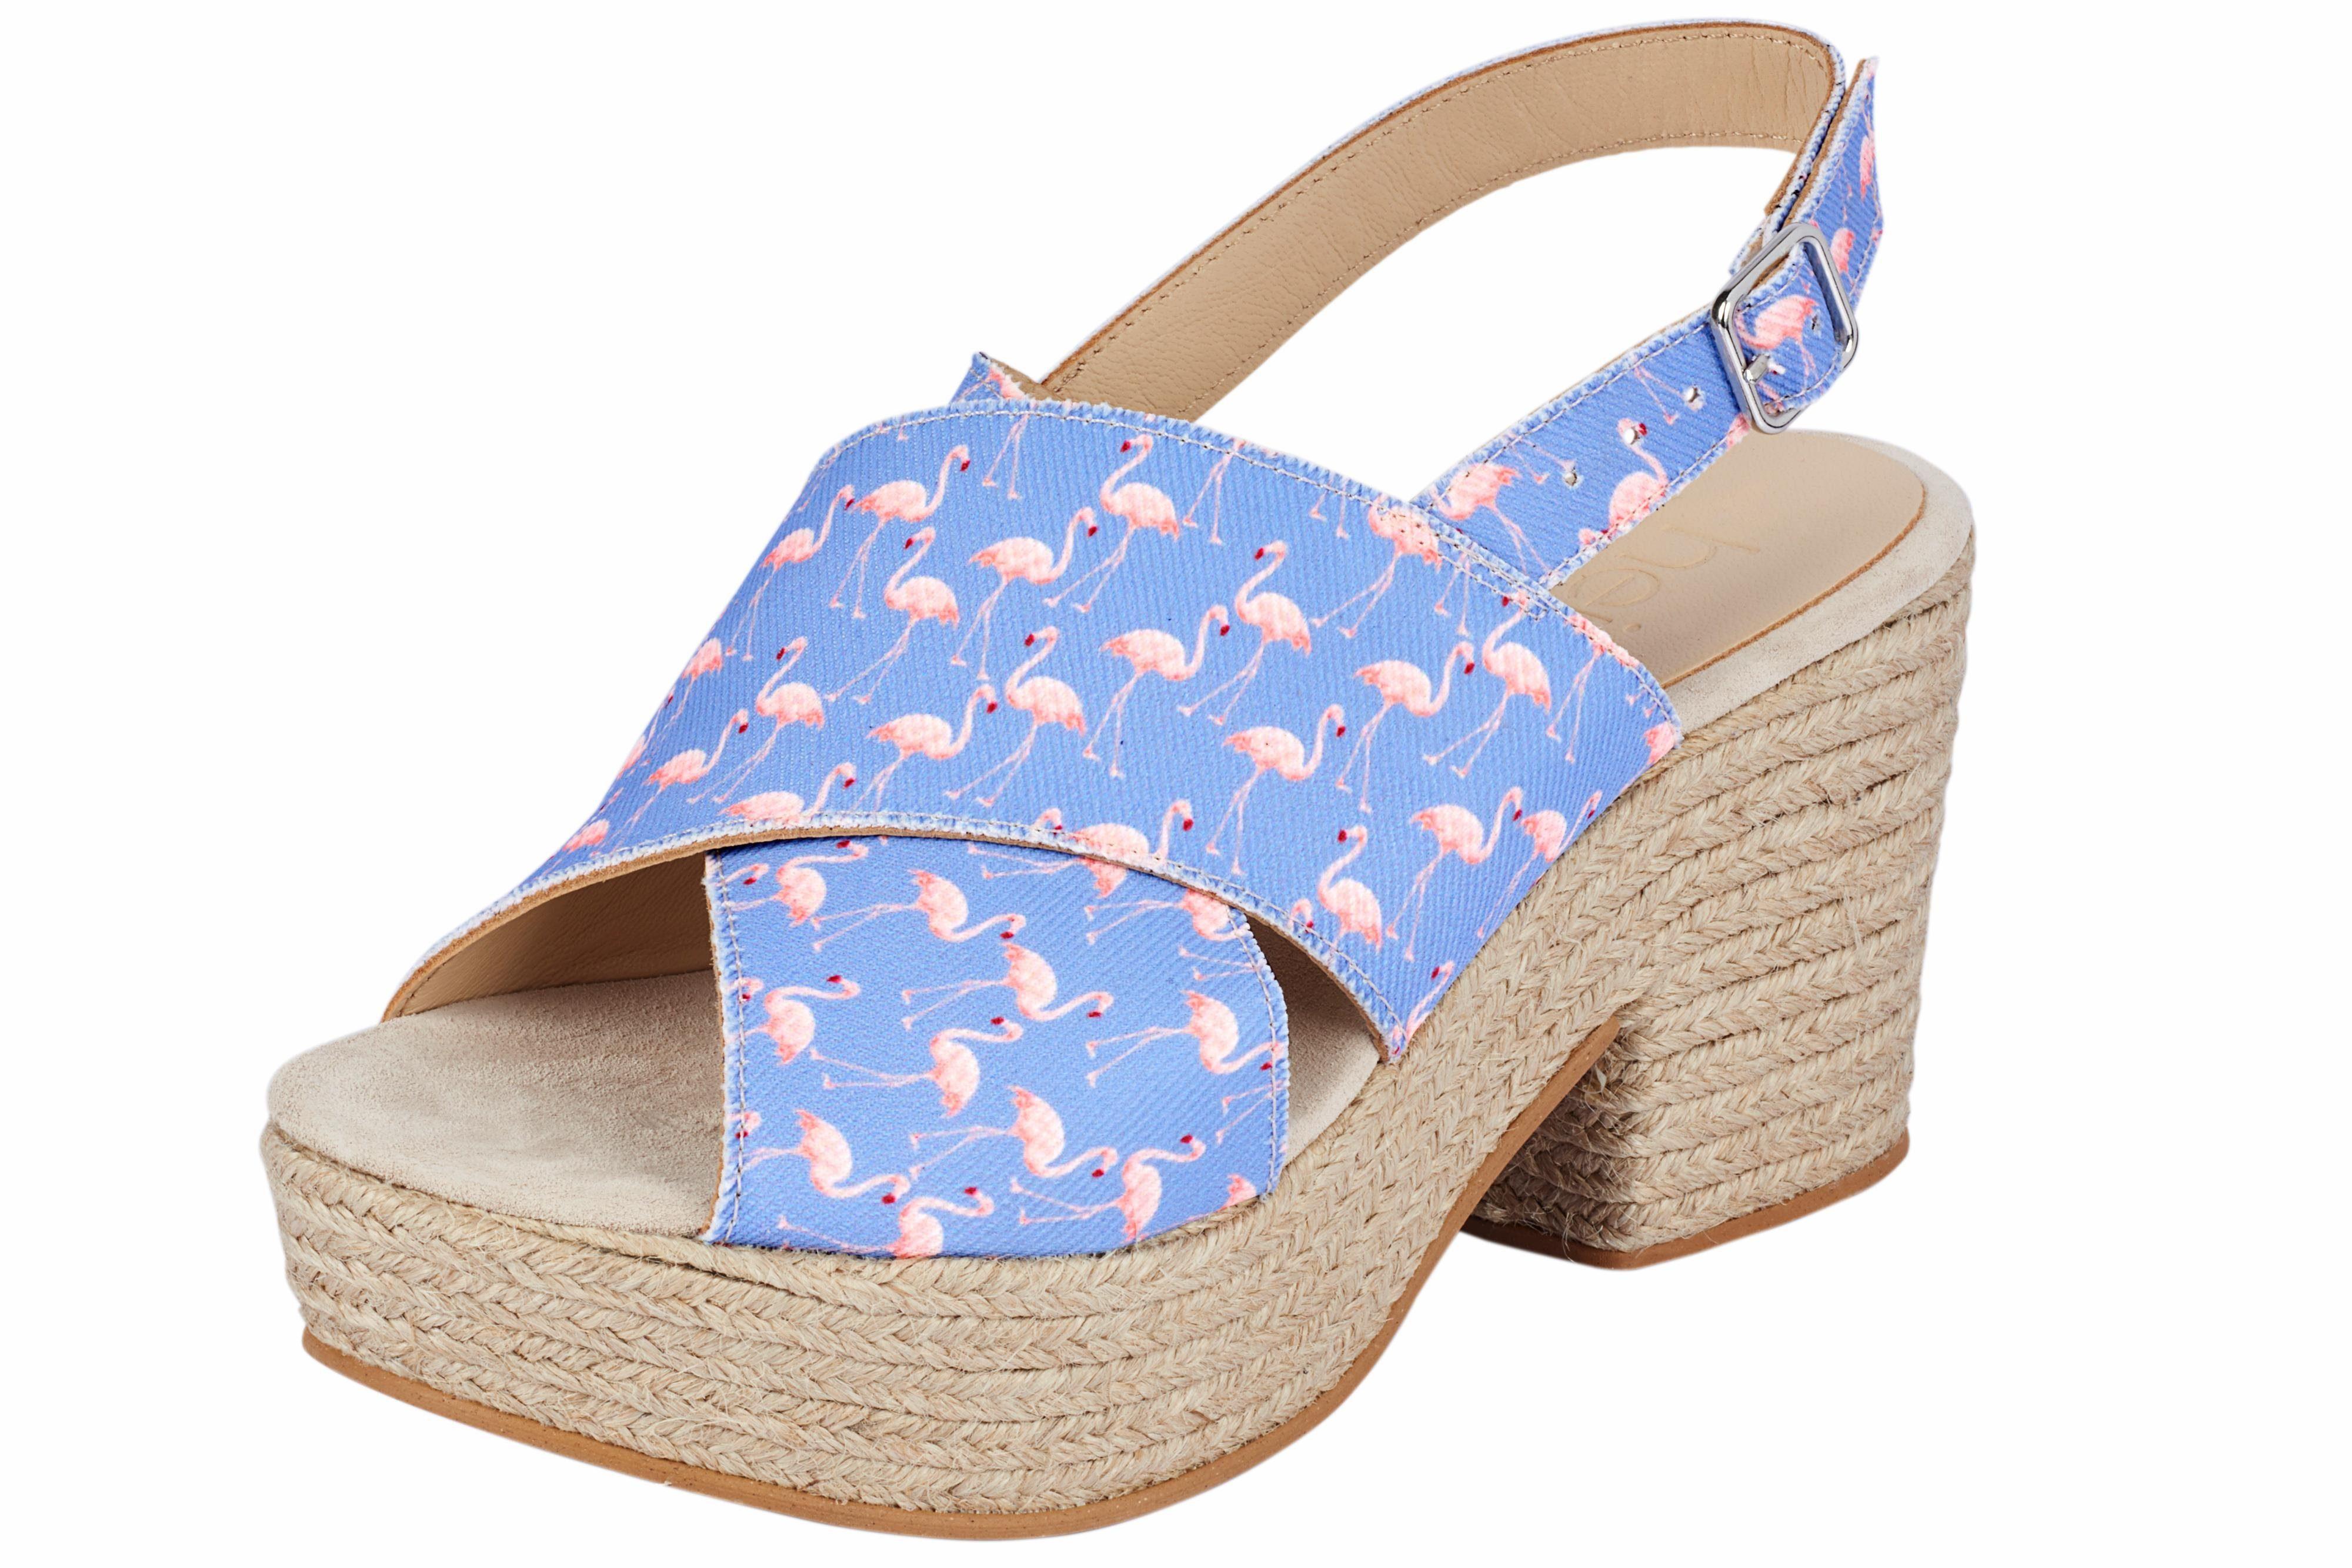 Heine Sandalette mit Flamingo-Dessin online kaufen  flieder